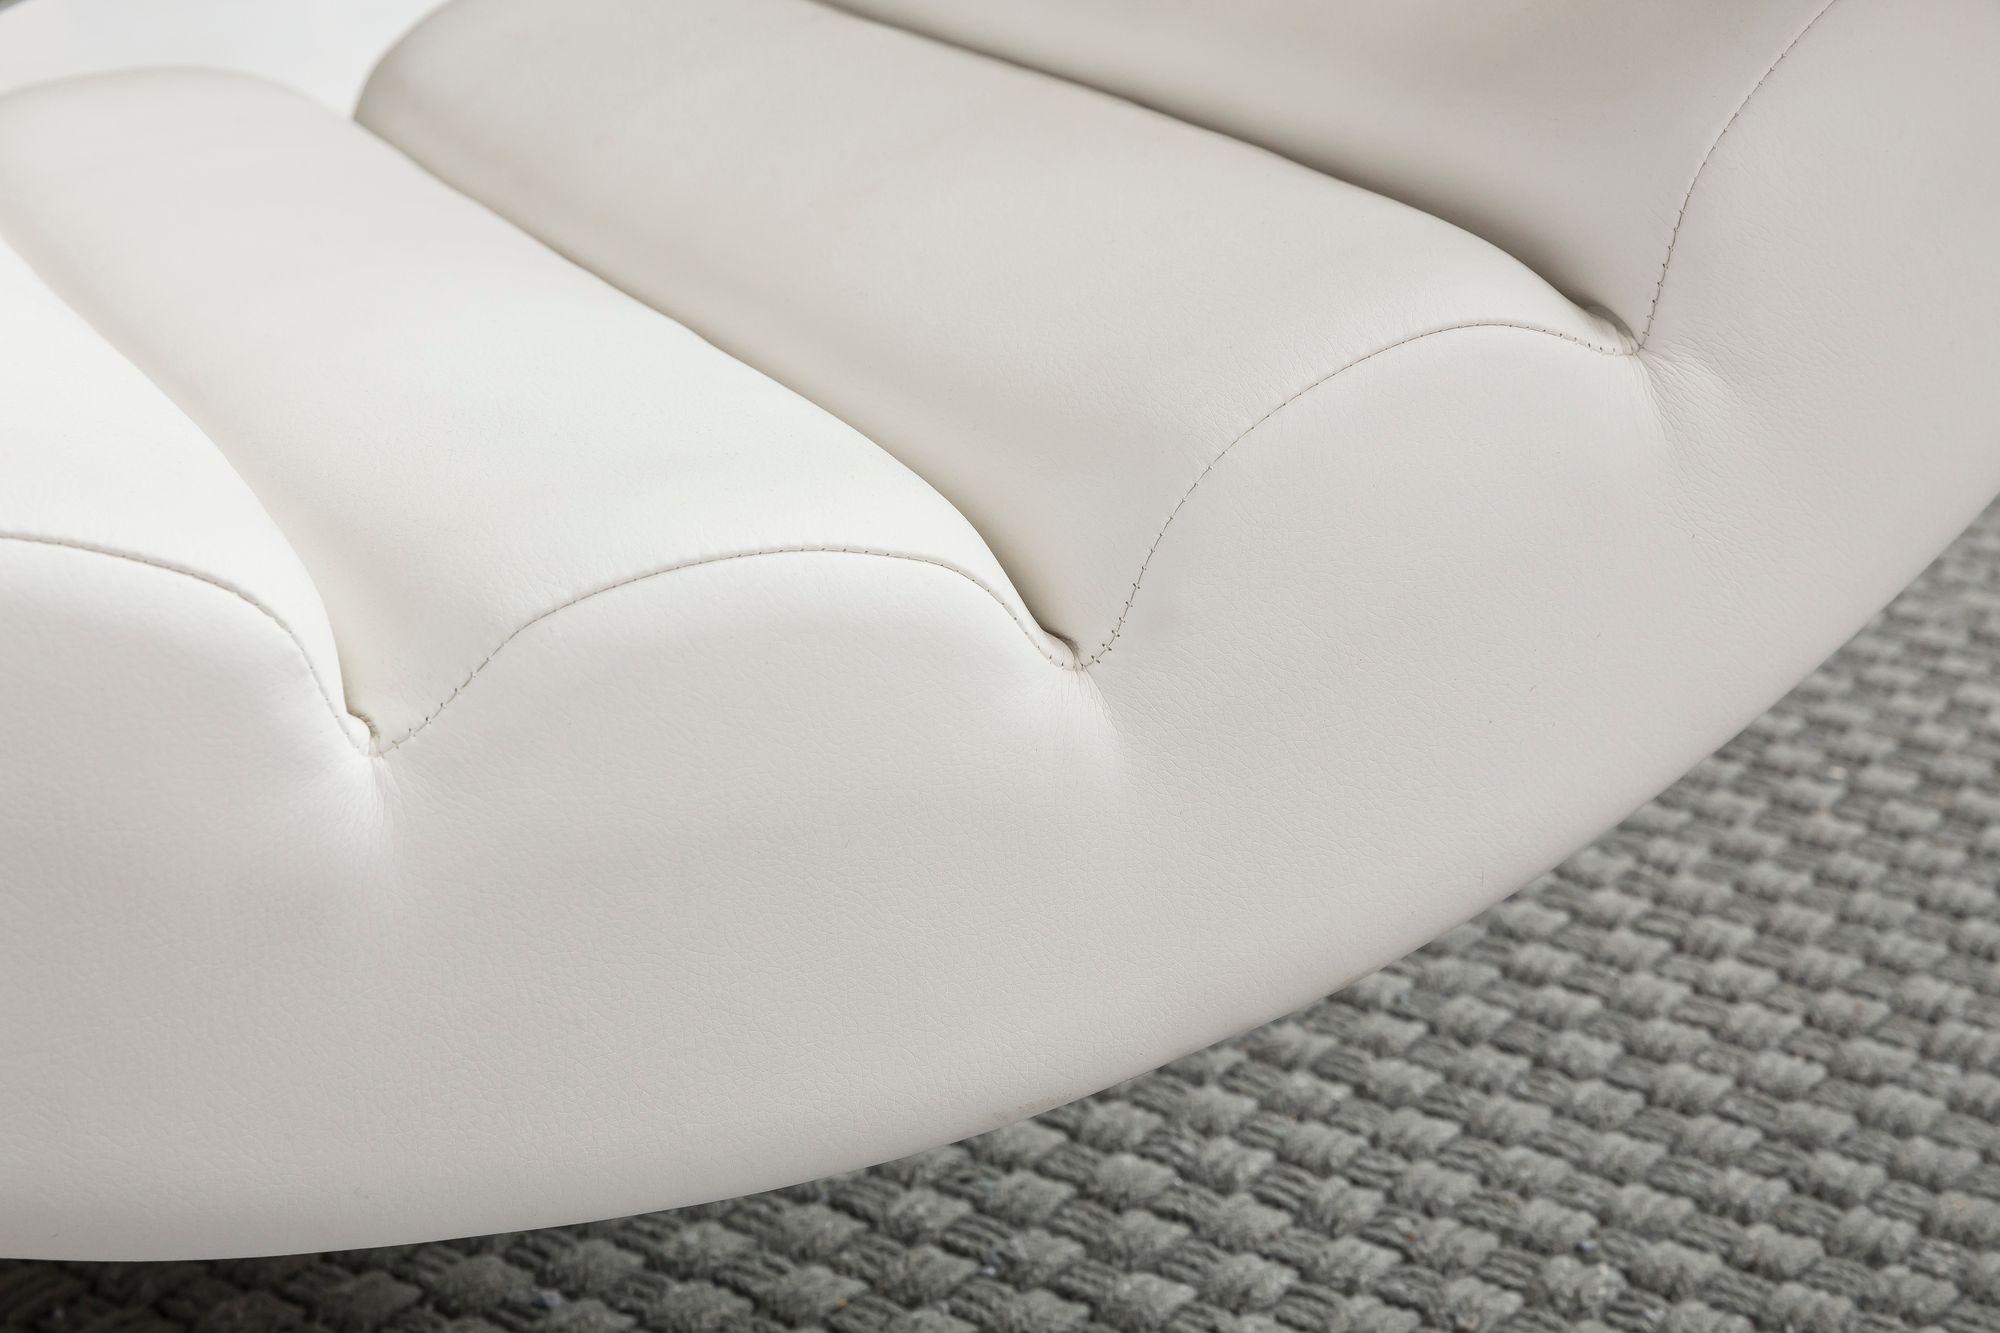 Ansprechend Relaxsessel Modern Design Referenz Von Finebuy Relaxliege Sessel Fernsehsessel Schaukelstuhl Wippstuhl